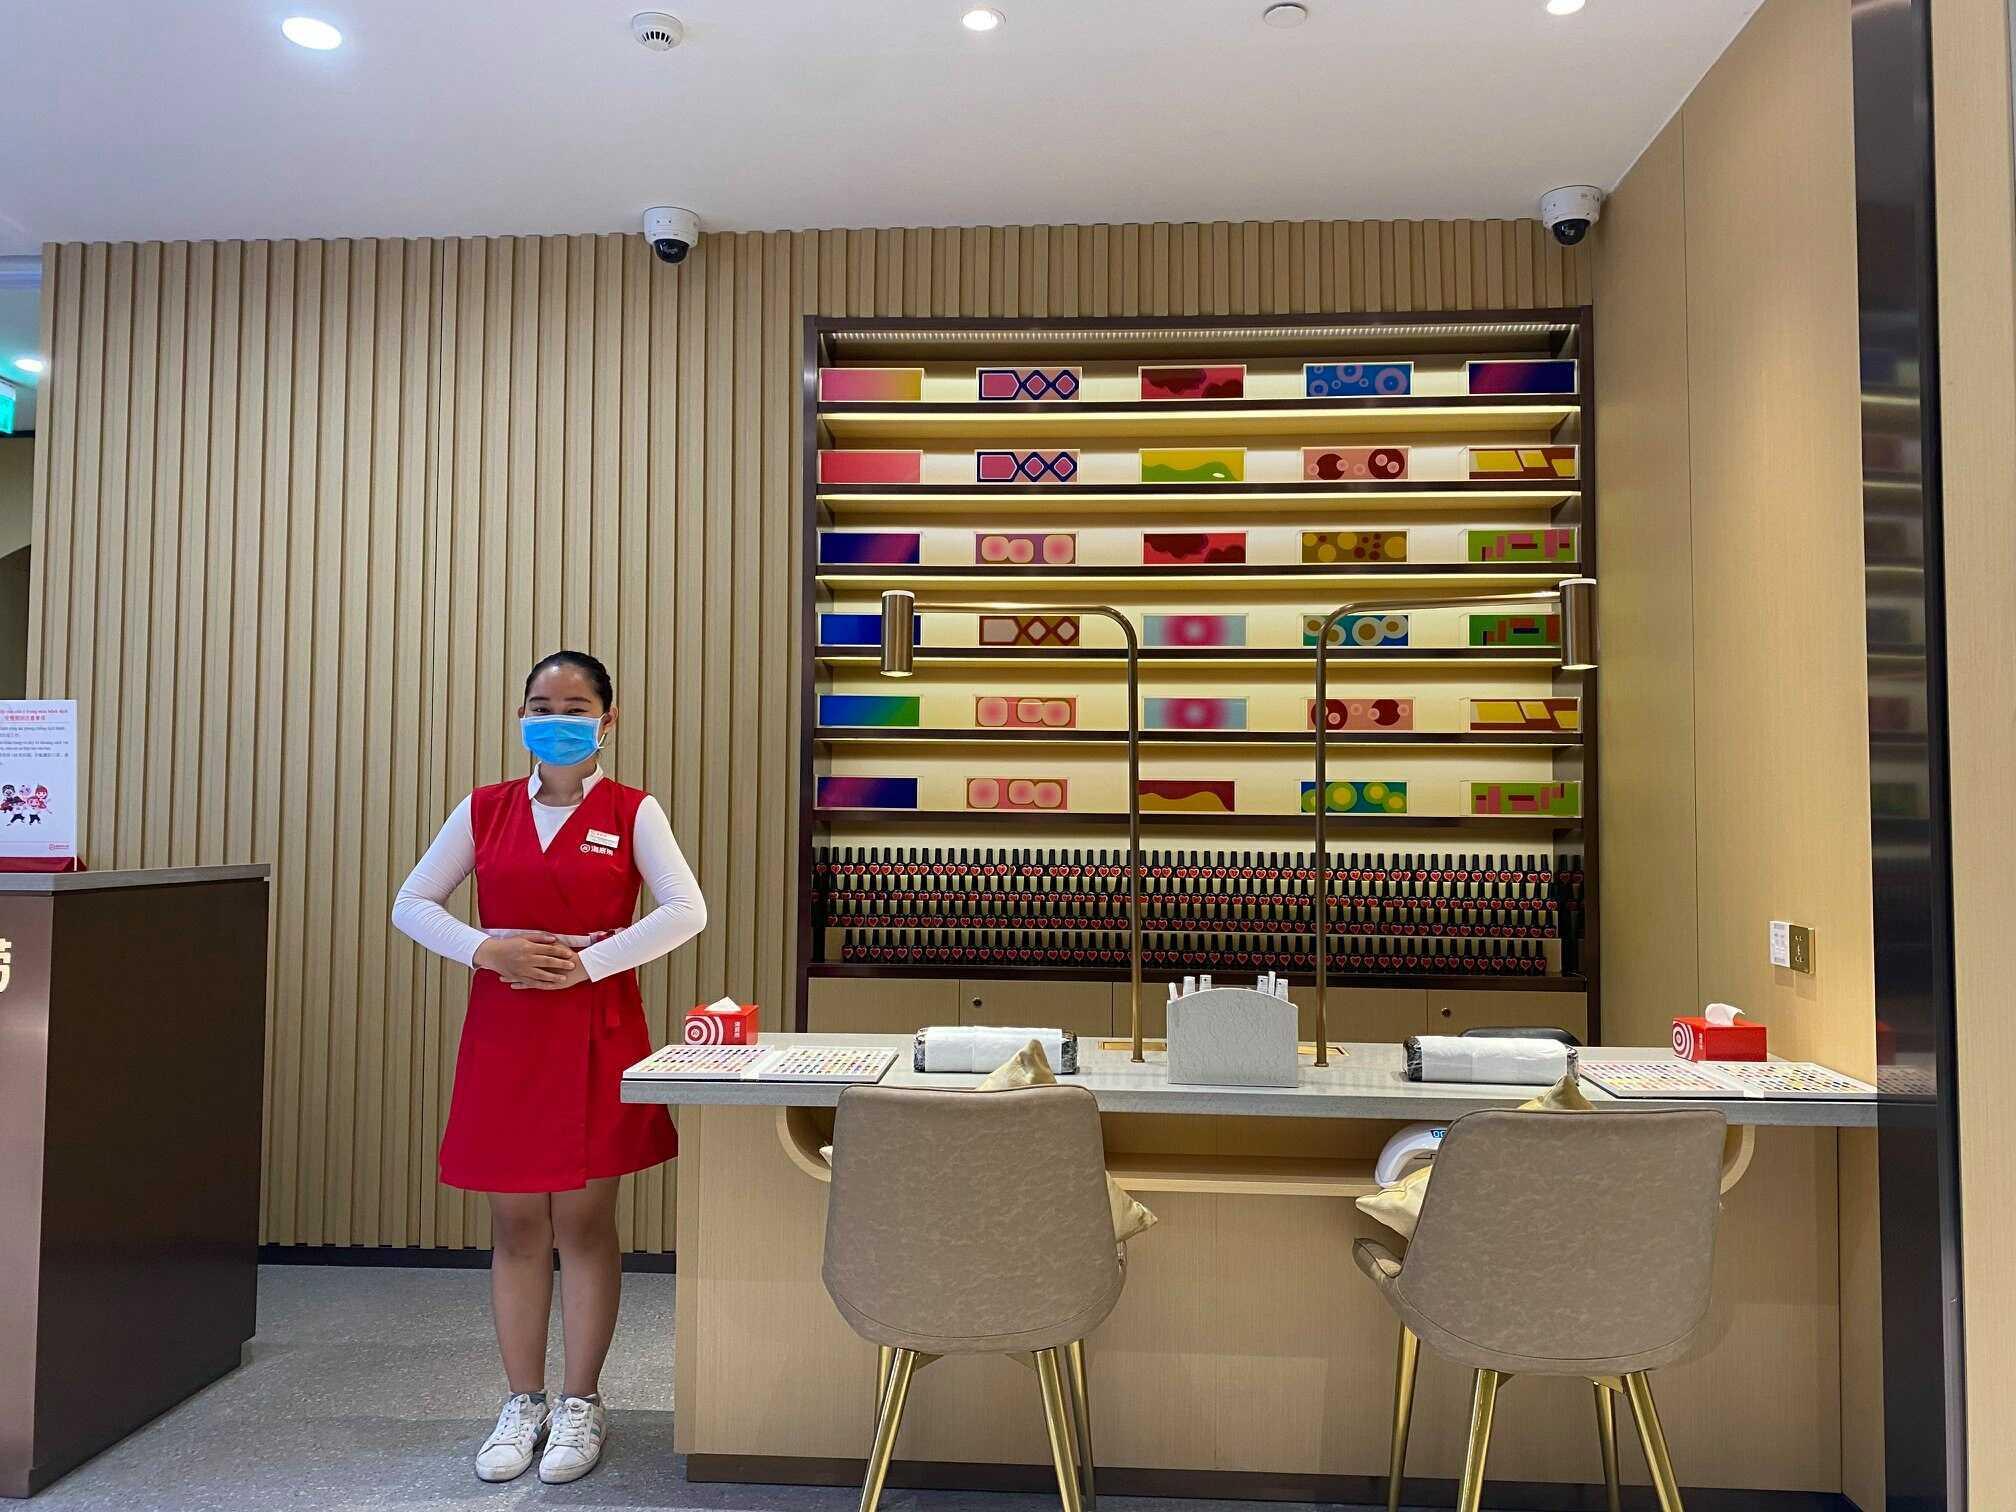 Review nhà hàng lẩu Haidilao Việt Nam: Menu, bảng giá, chi nhánh từ A-Z